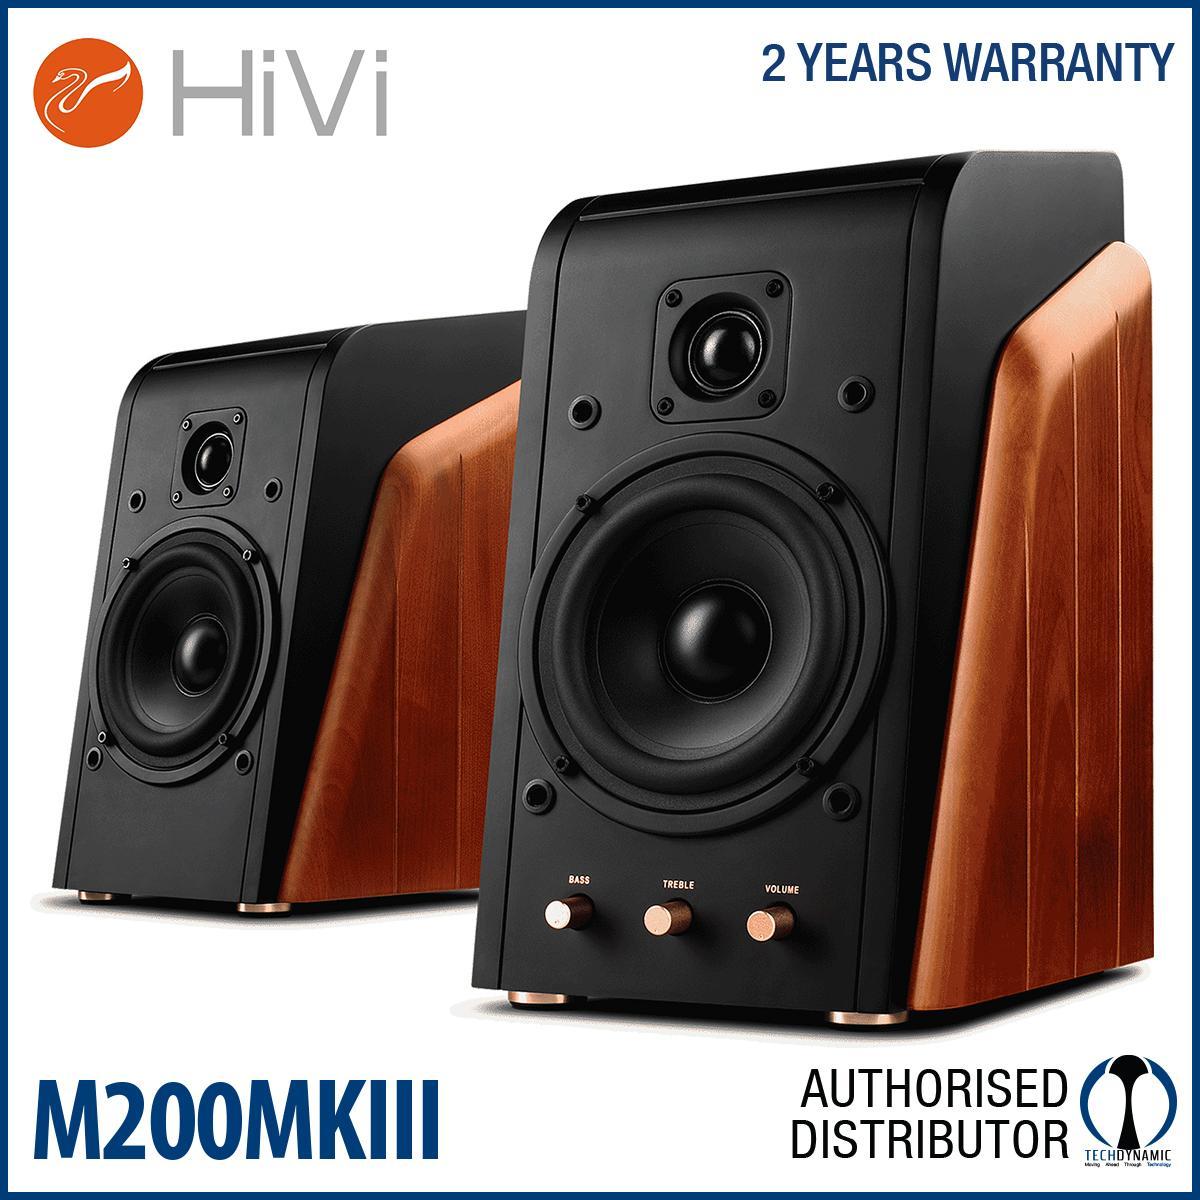 Hivi Swanspeakers M200Mkiii 2 Multimedia Speakers Free Shipping